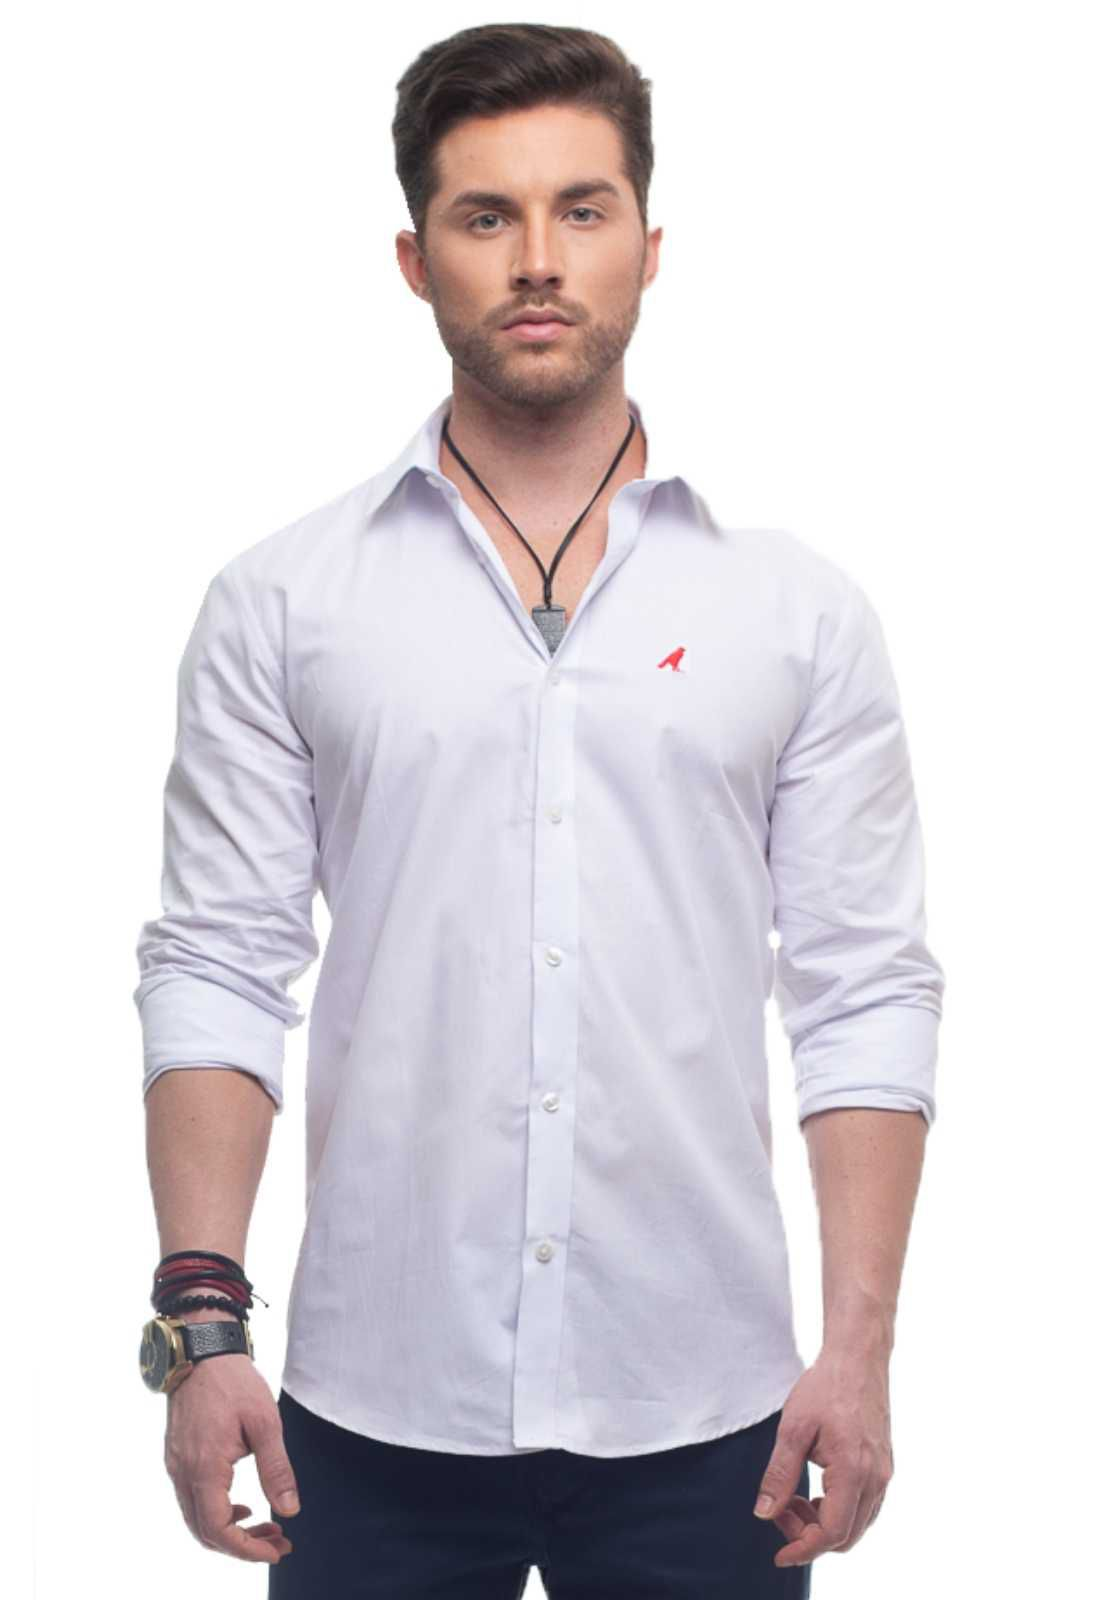 Camisa Social Branca com Calça Jeans